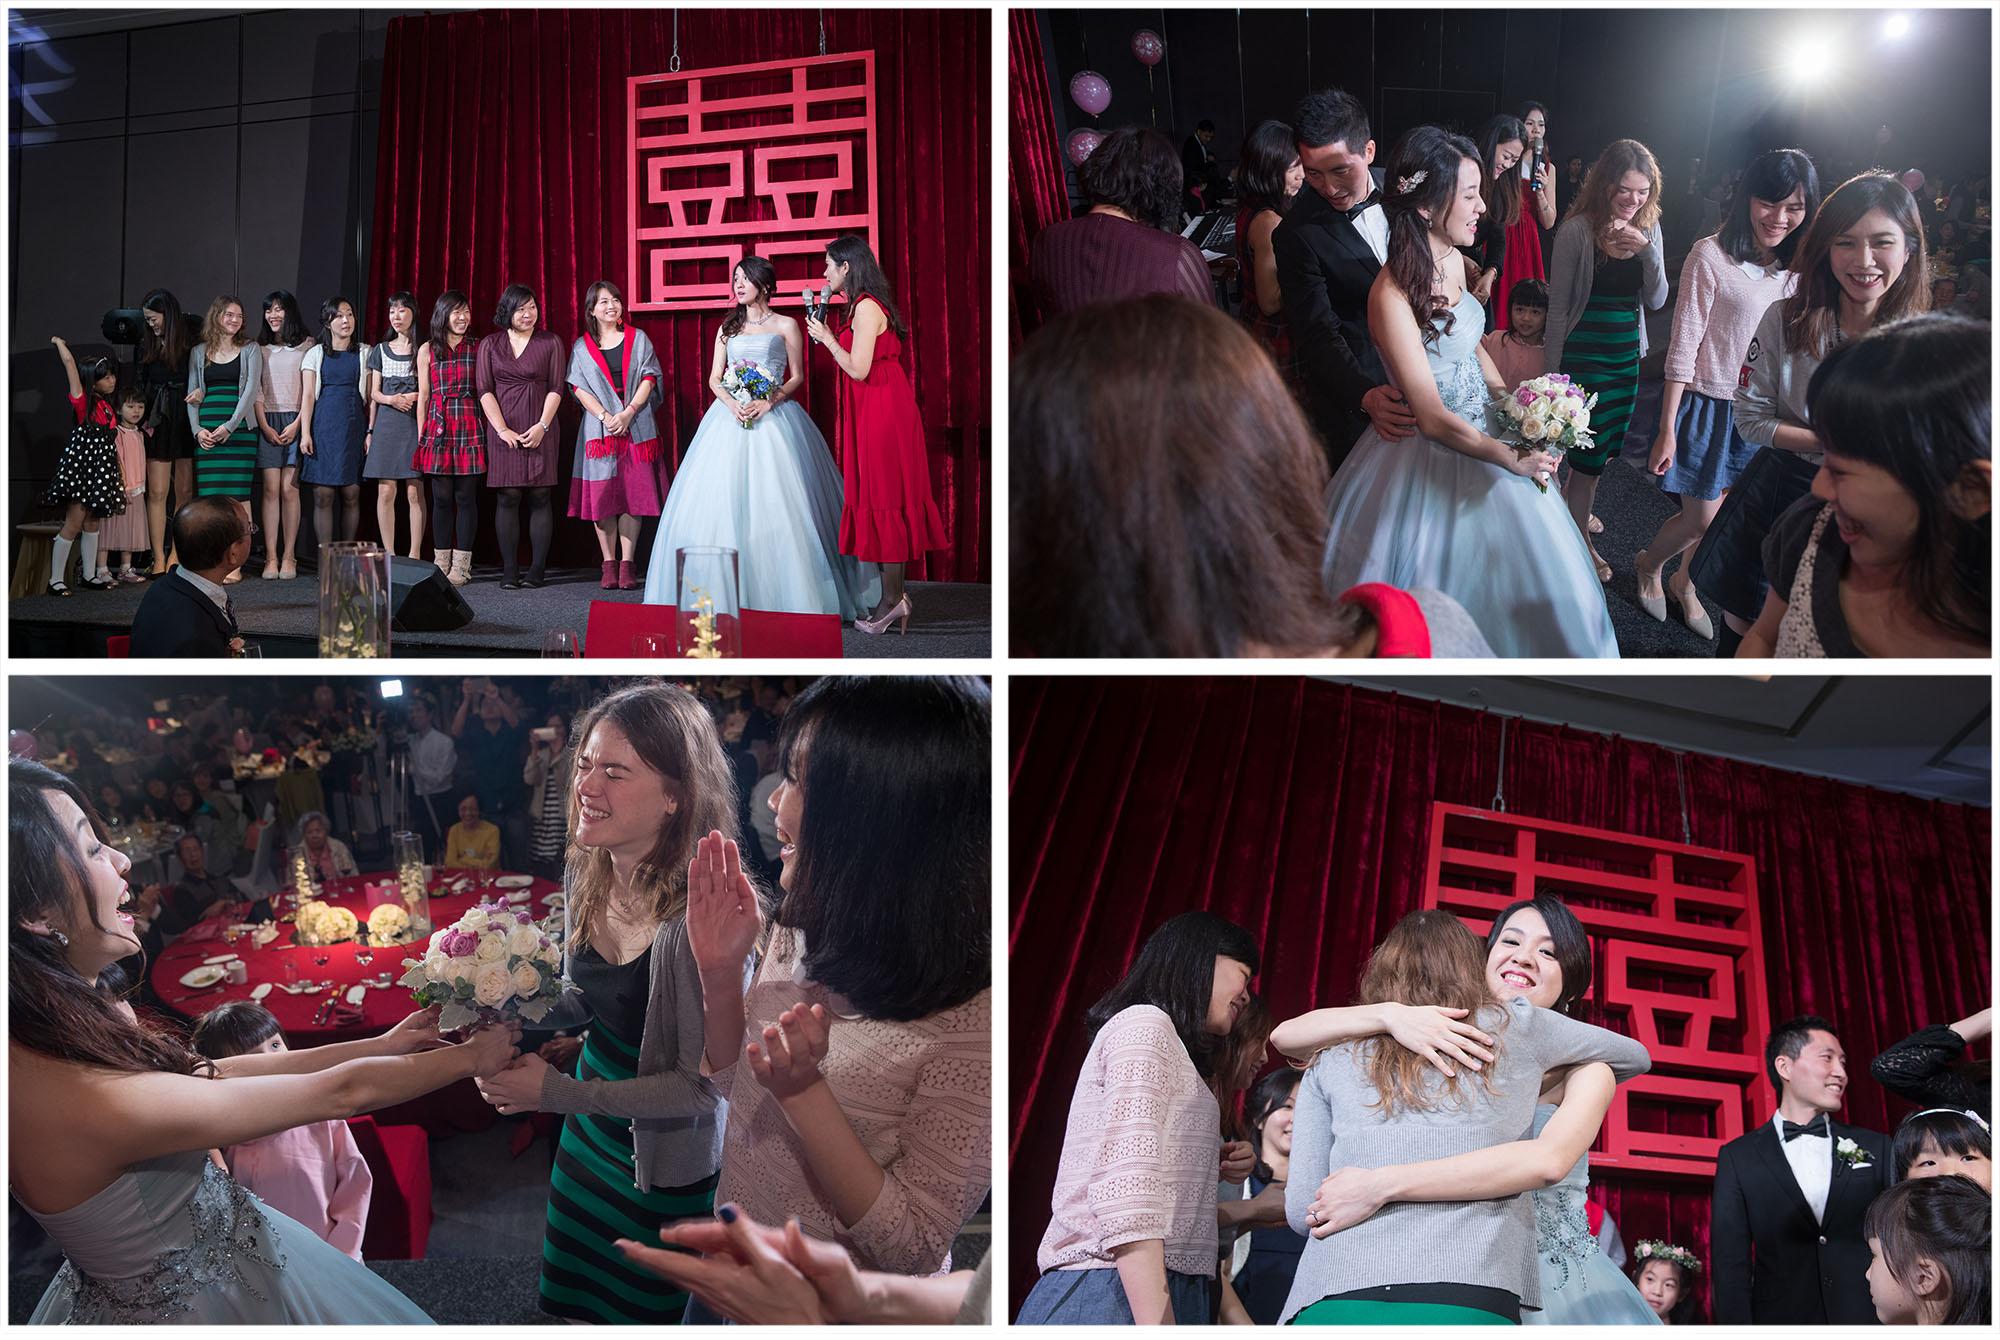 台北婚禮攝影,訂結喜宴,台北寒舍艾麗酒店,宴會廳